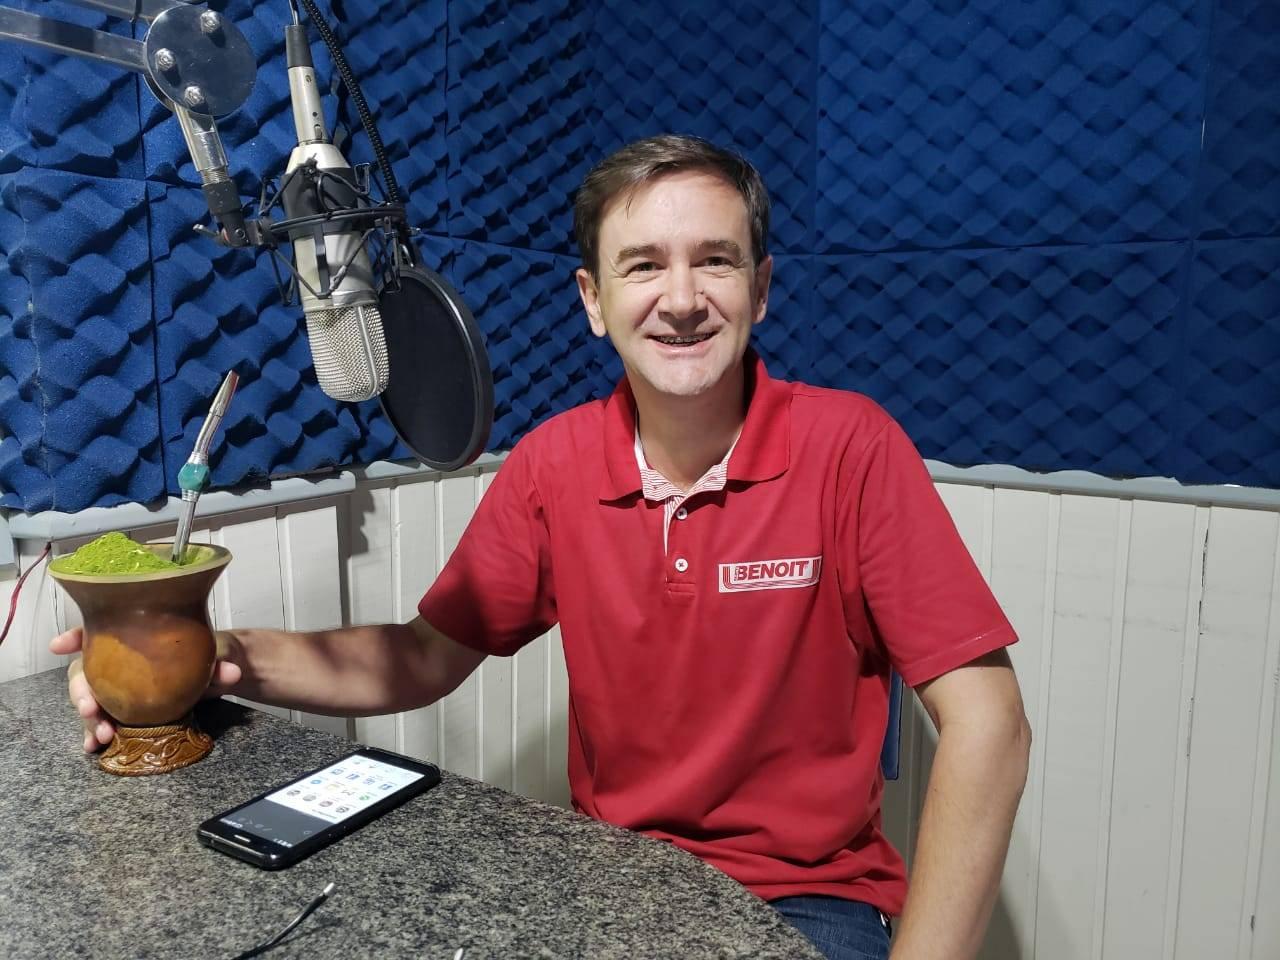 Gerente da Benoit anuncia construção de filial em Santo Antônio das Missões